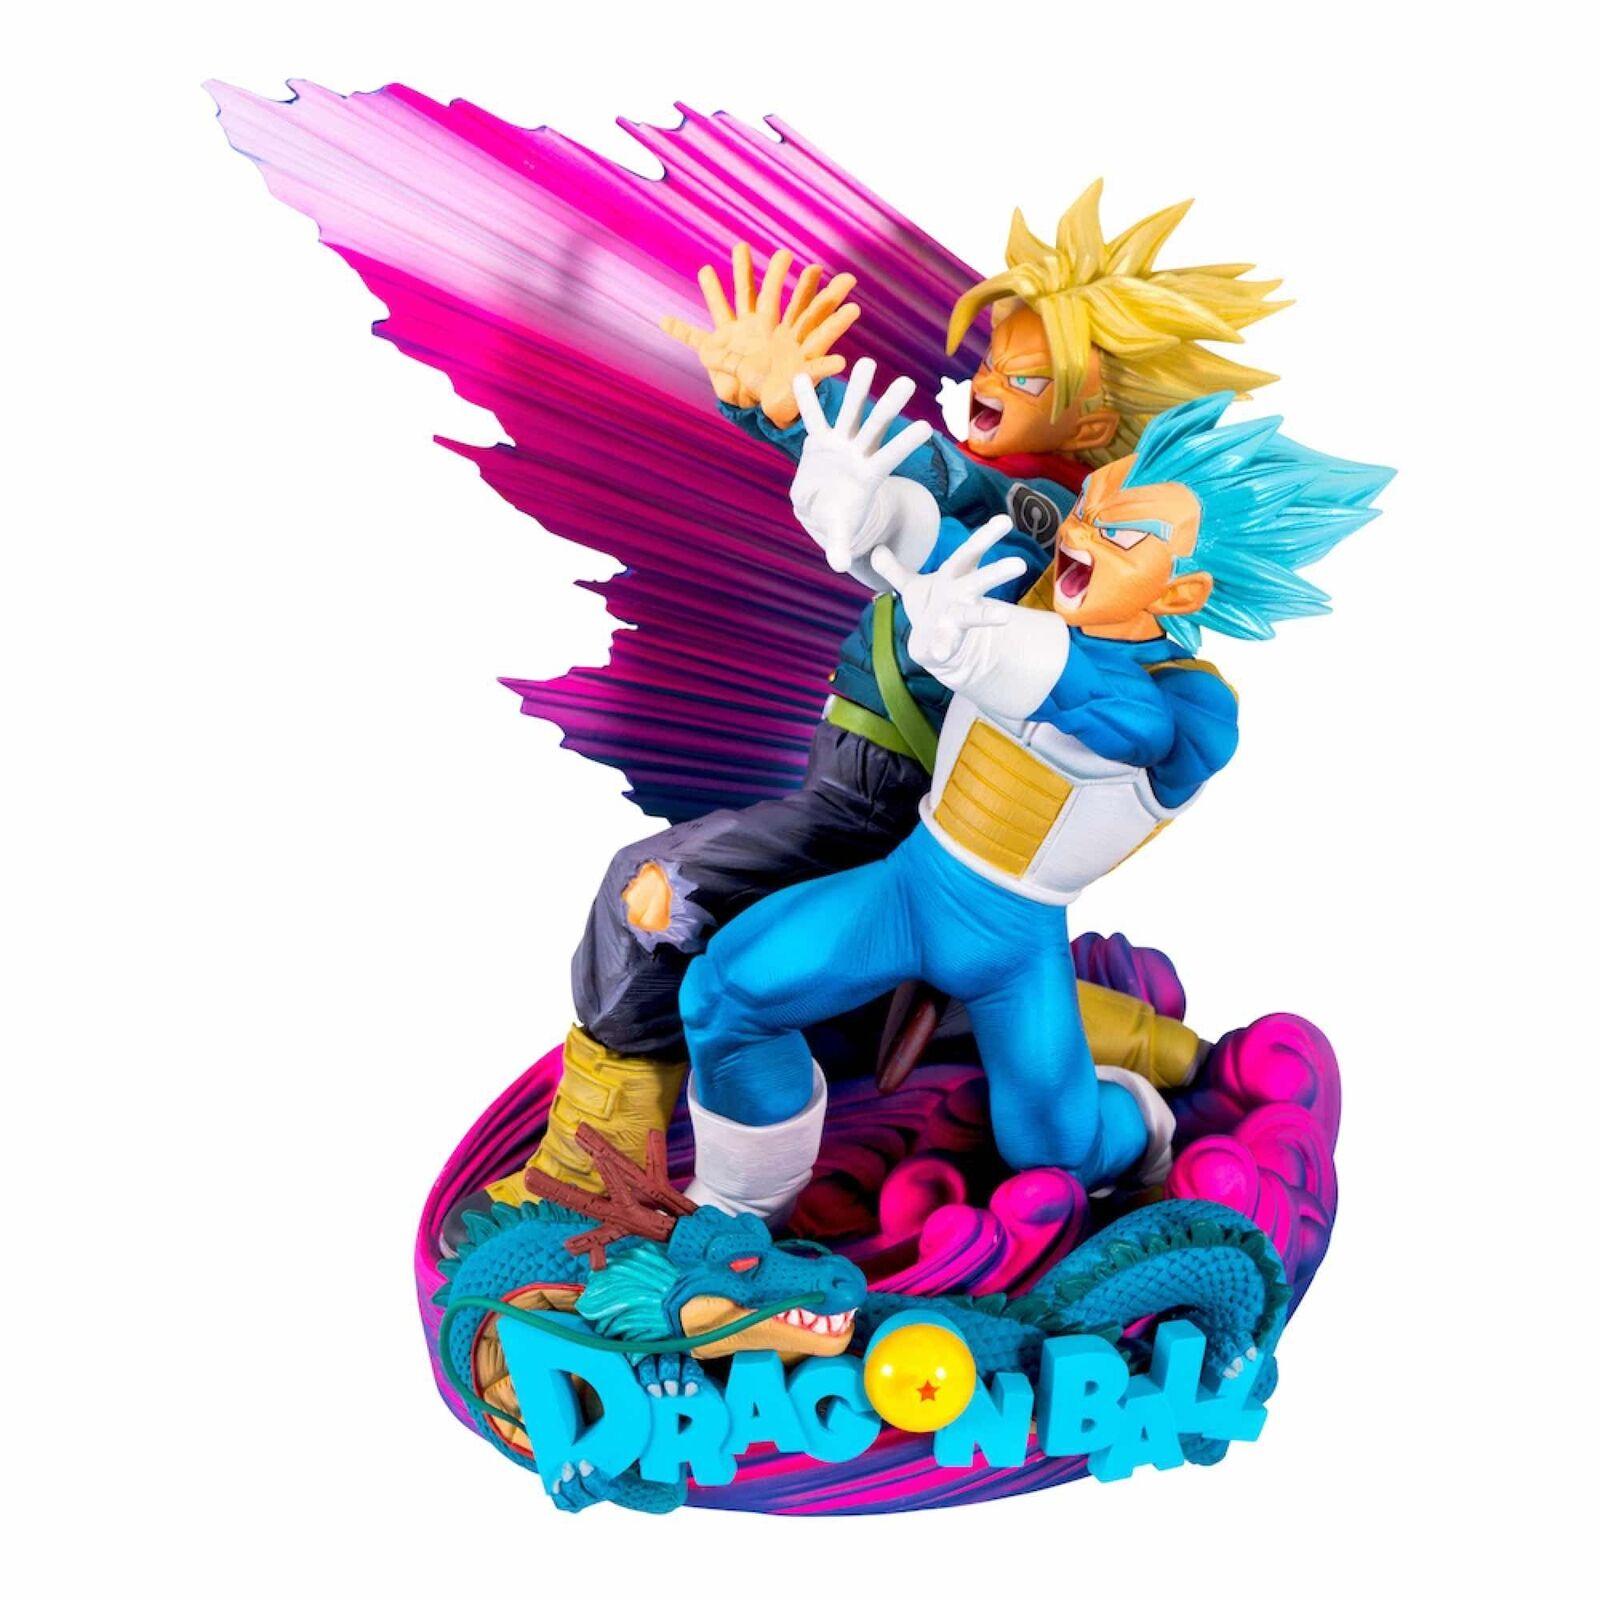 contador genuino Vegeta & Trunks Trunks Trunks Version 2 Dragon Ball súper Master Estrella Diorama Figura 18 cm  caliente